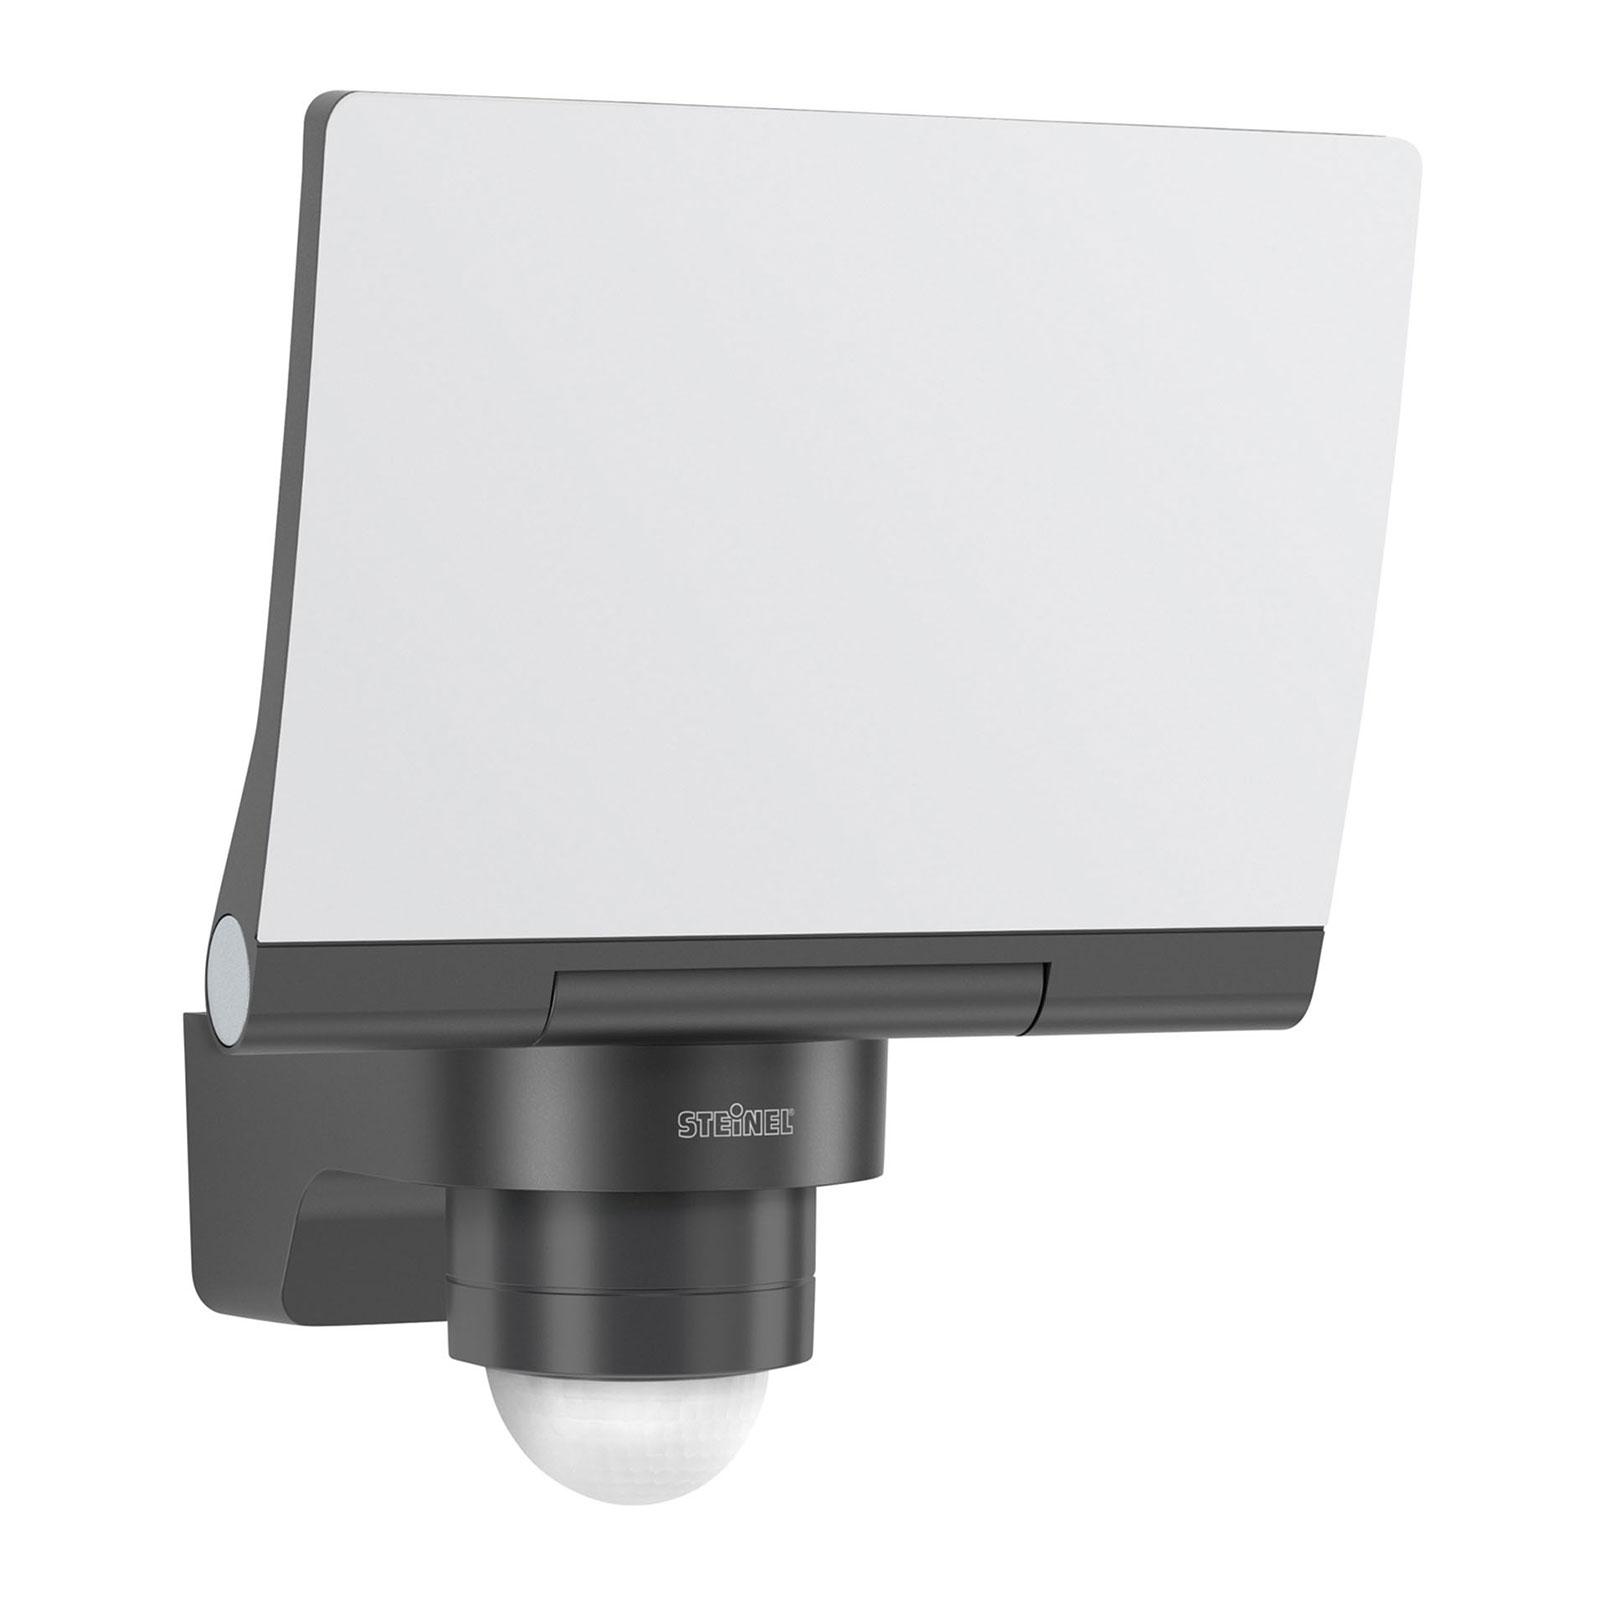 STEINEL XLED Pro240 Sensor-Außenstrahler anthrazit